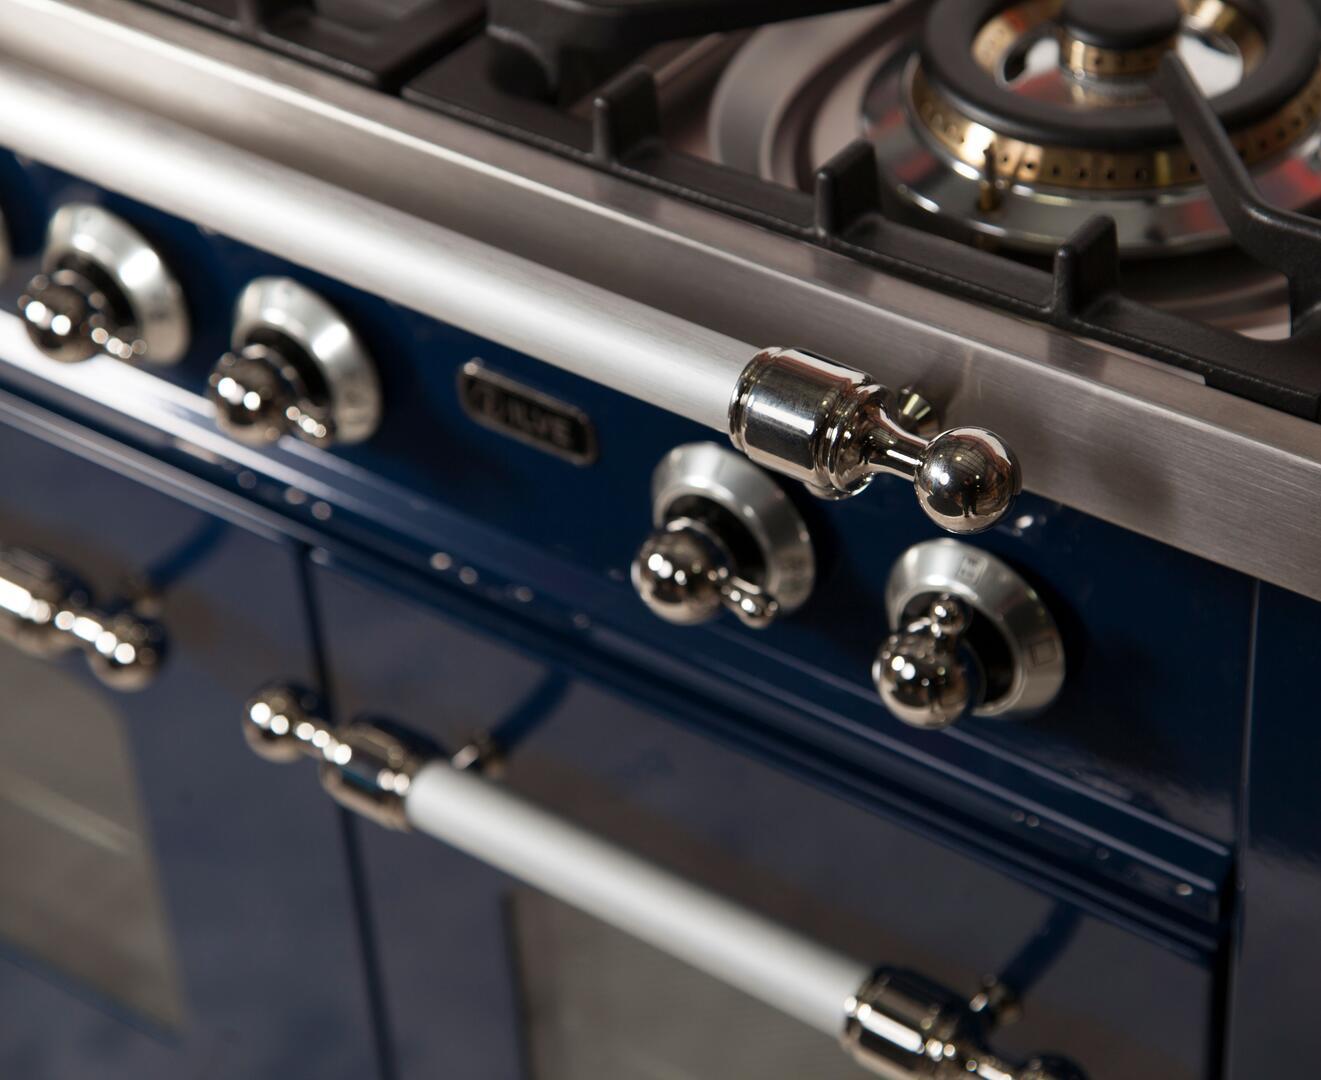 Ilve Nostalgie UPDN100FDMPBLXLP Freestanding Dual Fuel Range Blue, UPDN100FDMPBLXLP  Details